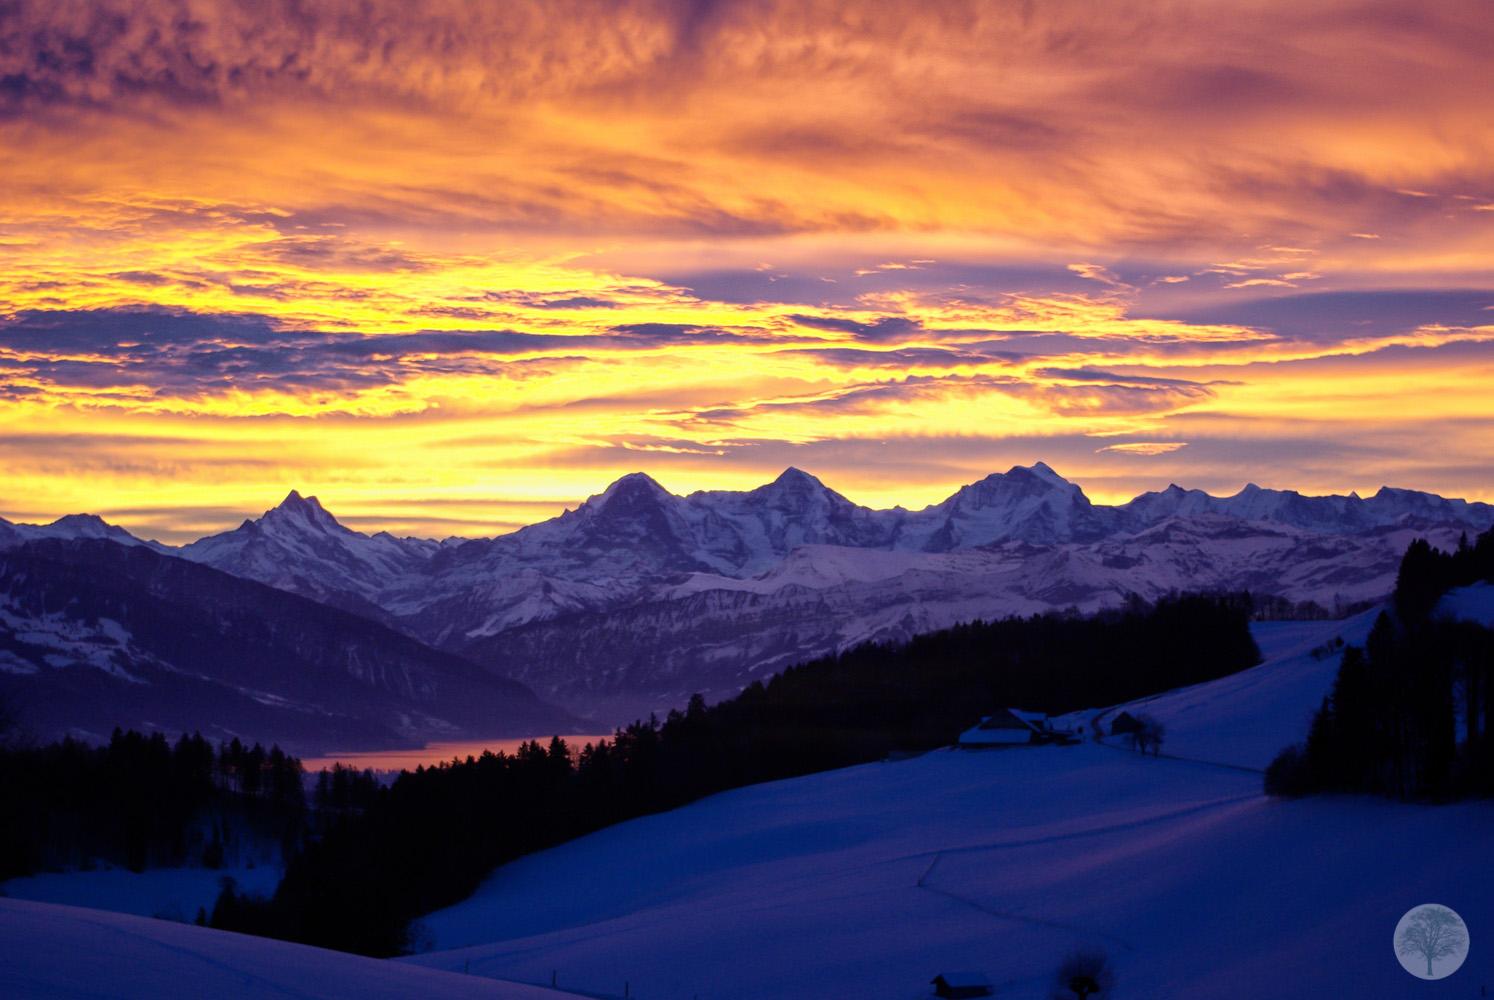 Eiger - Mönch - Jungfrau am Morgen